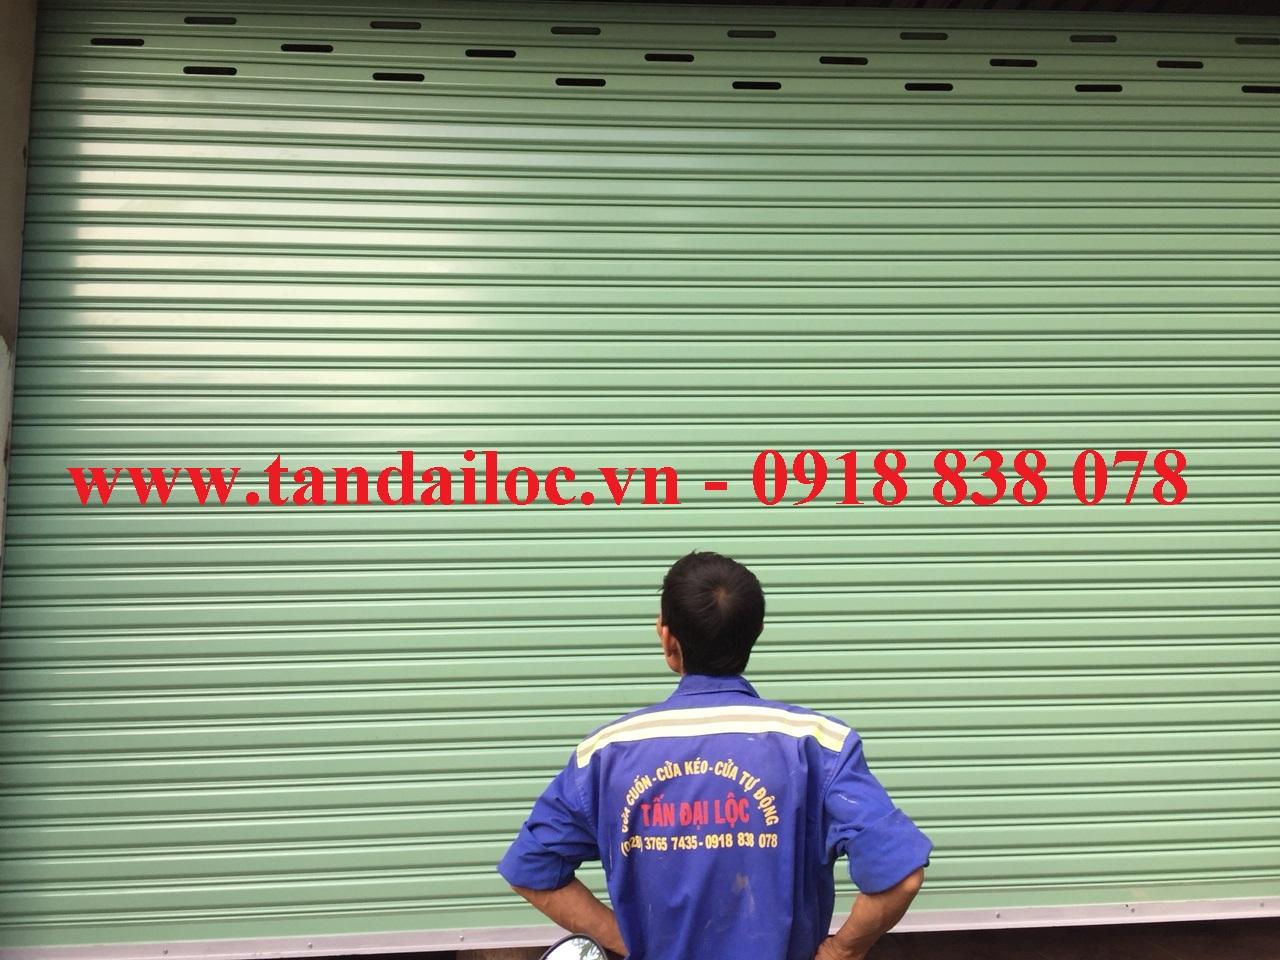 Lắp đặt cửa cuốn đài loan kéo tay